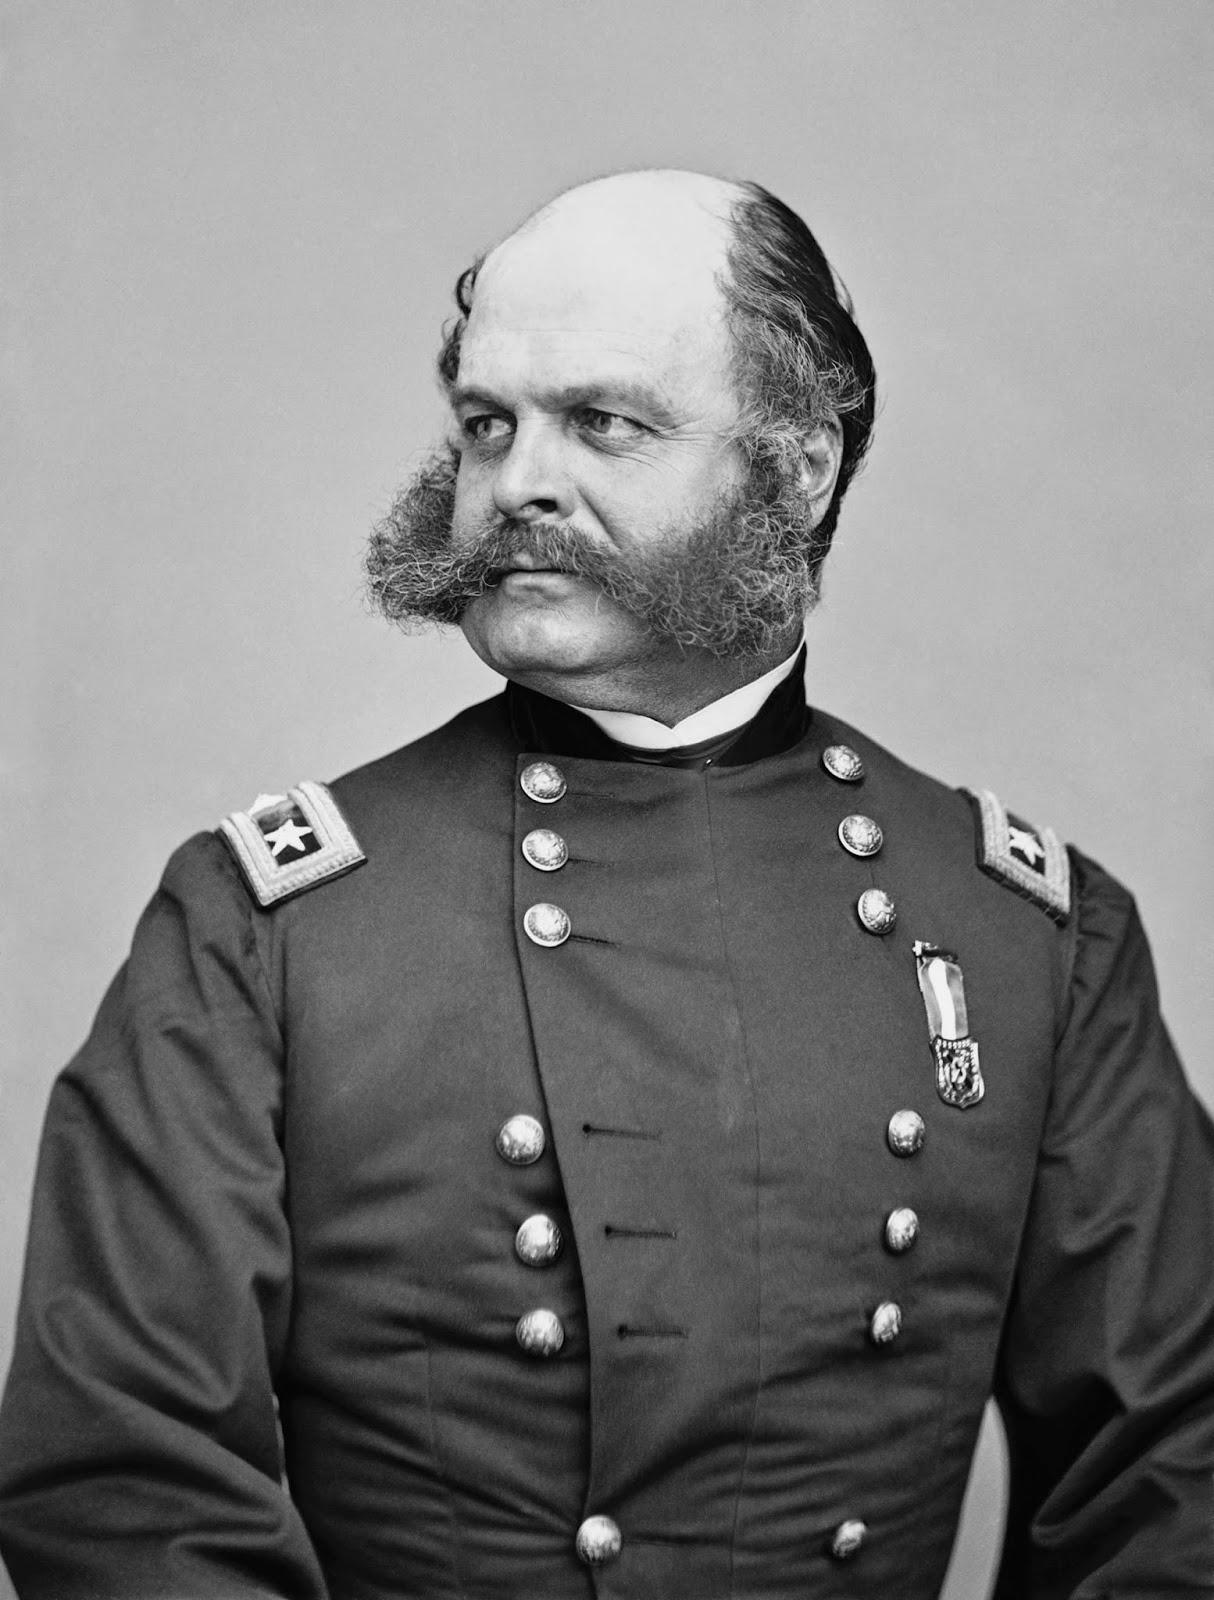 """El mayor general de la guerra civil, Ambrose Burnside, cuyo vello facial inusual llevó a la acuñación del término """"patillas""""."""